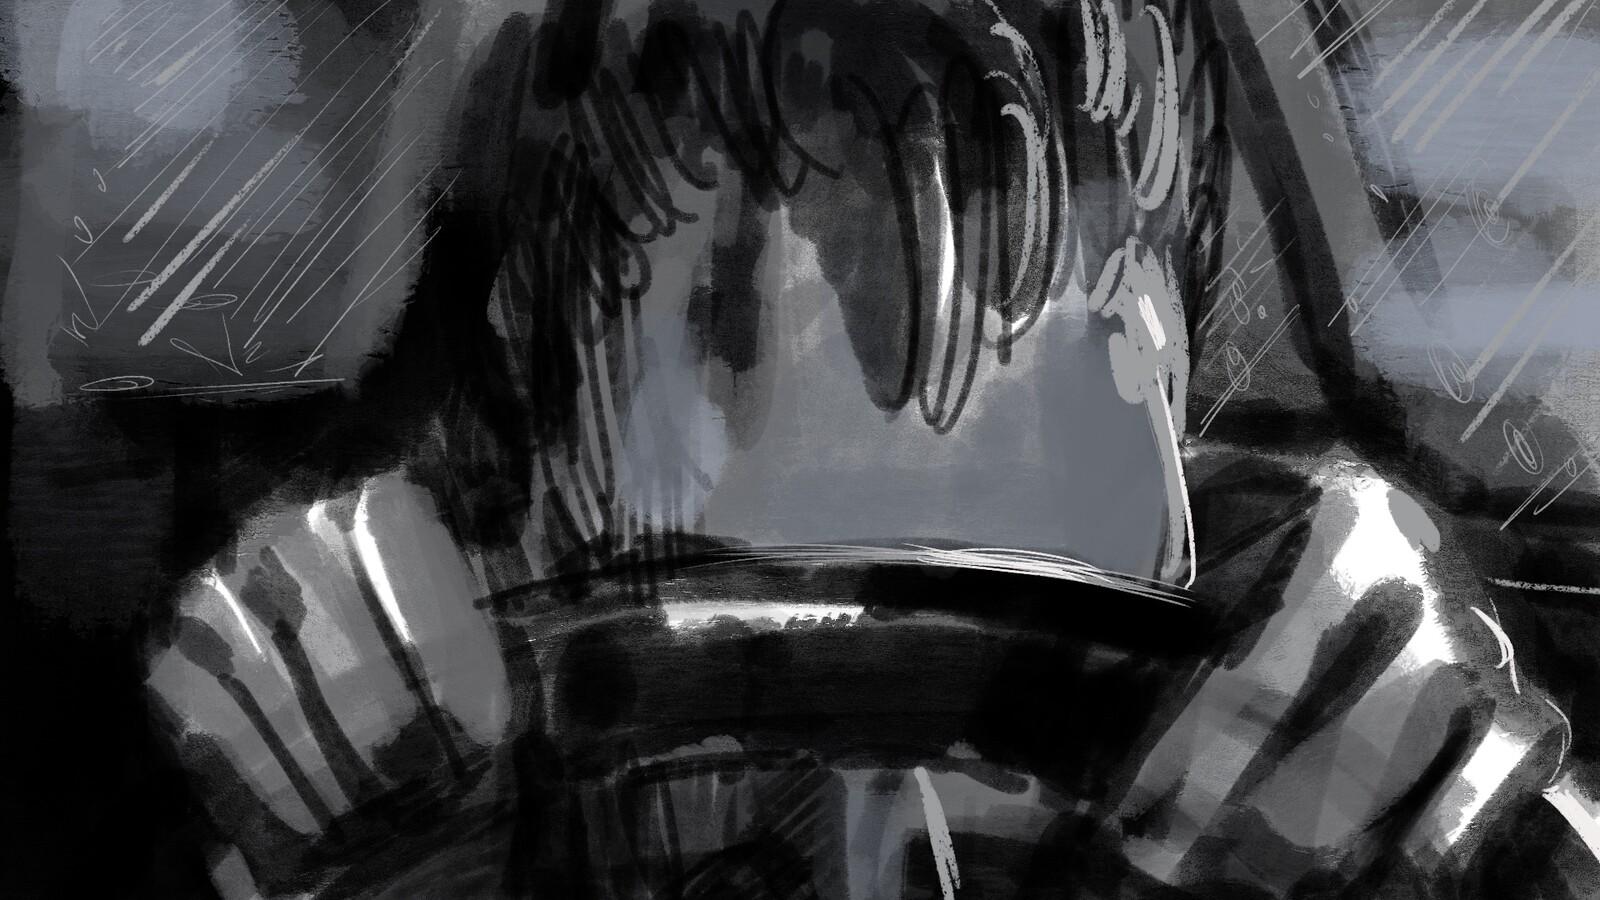 frame 7